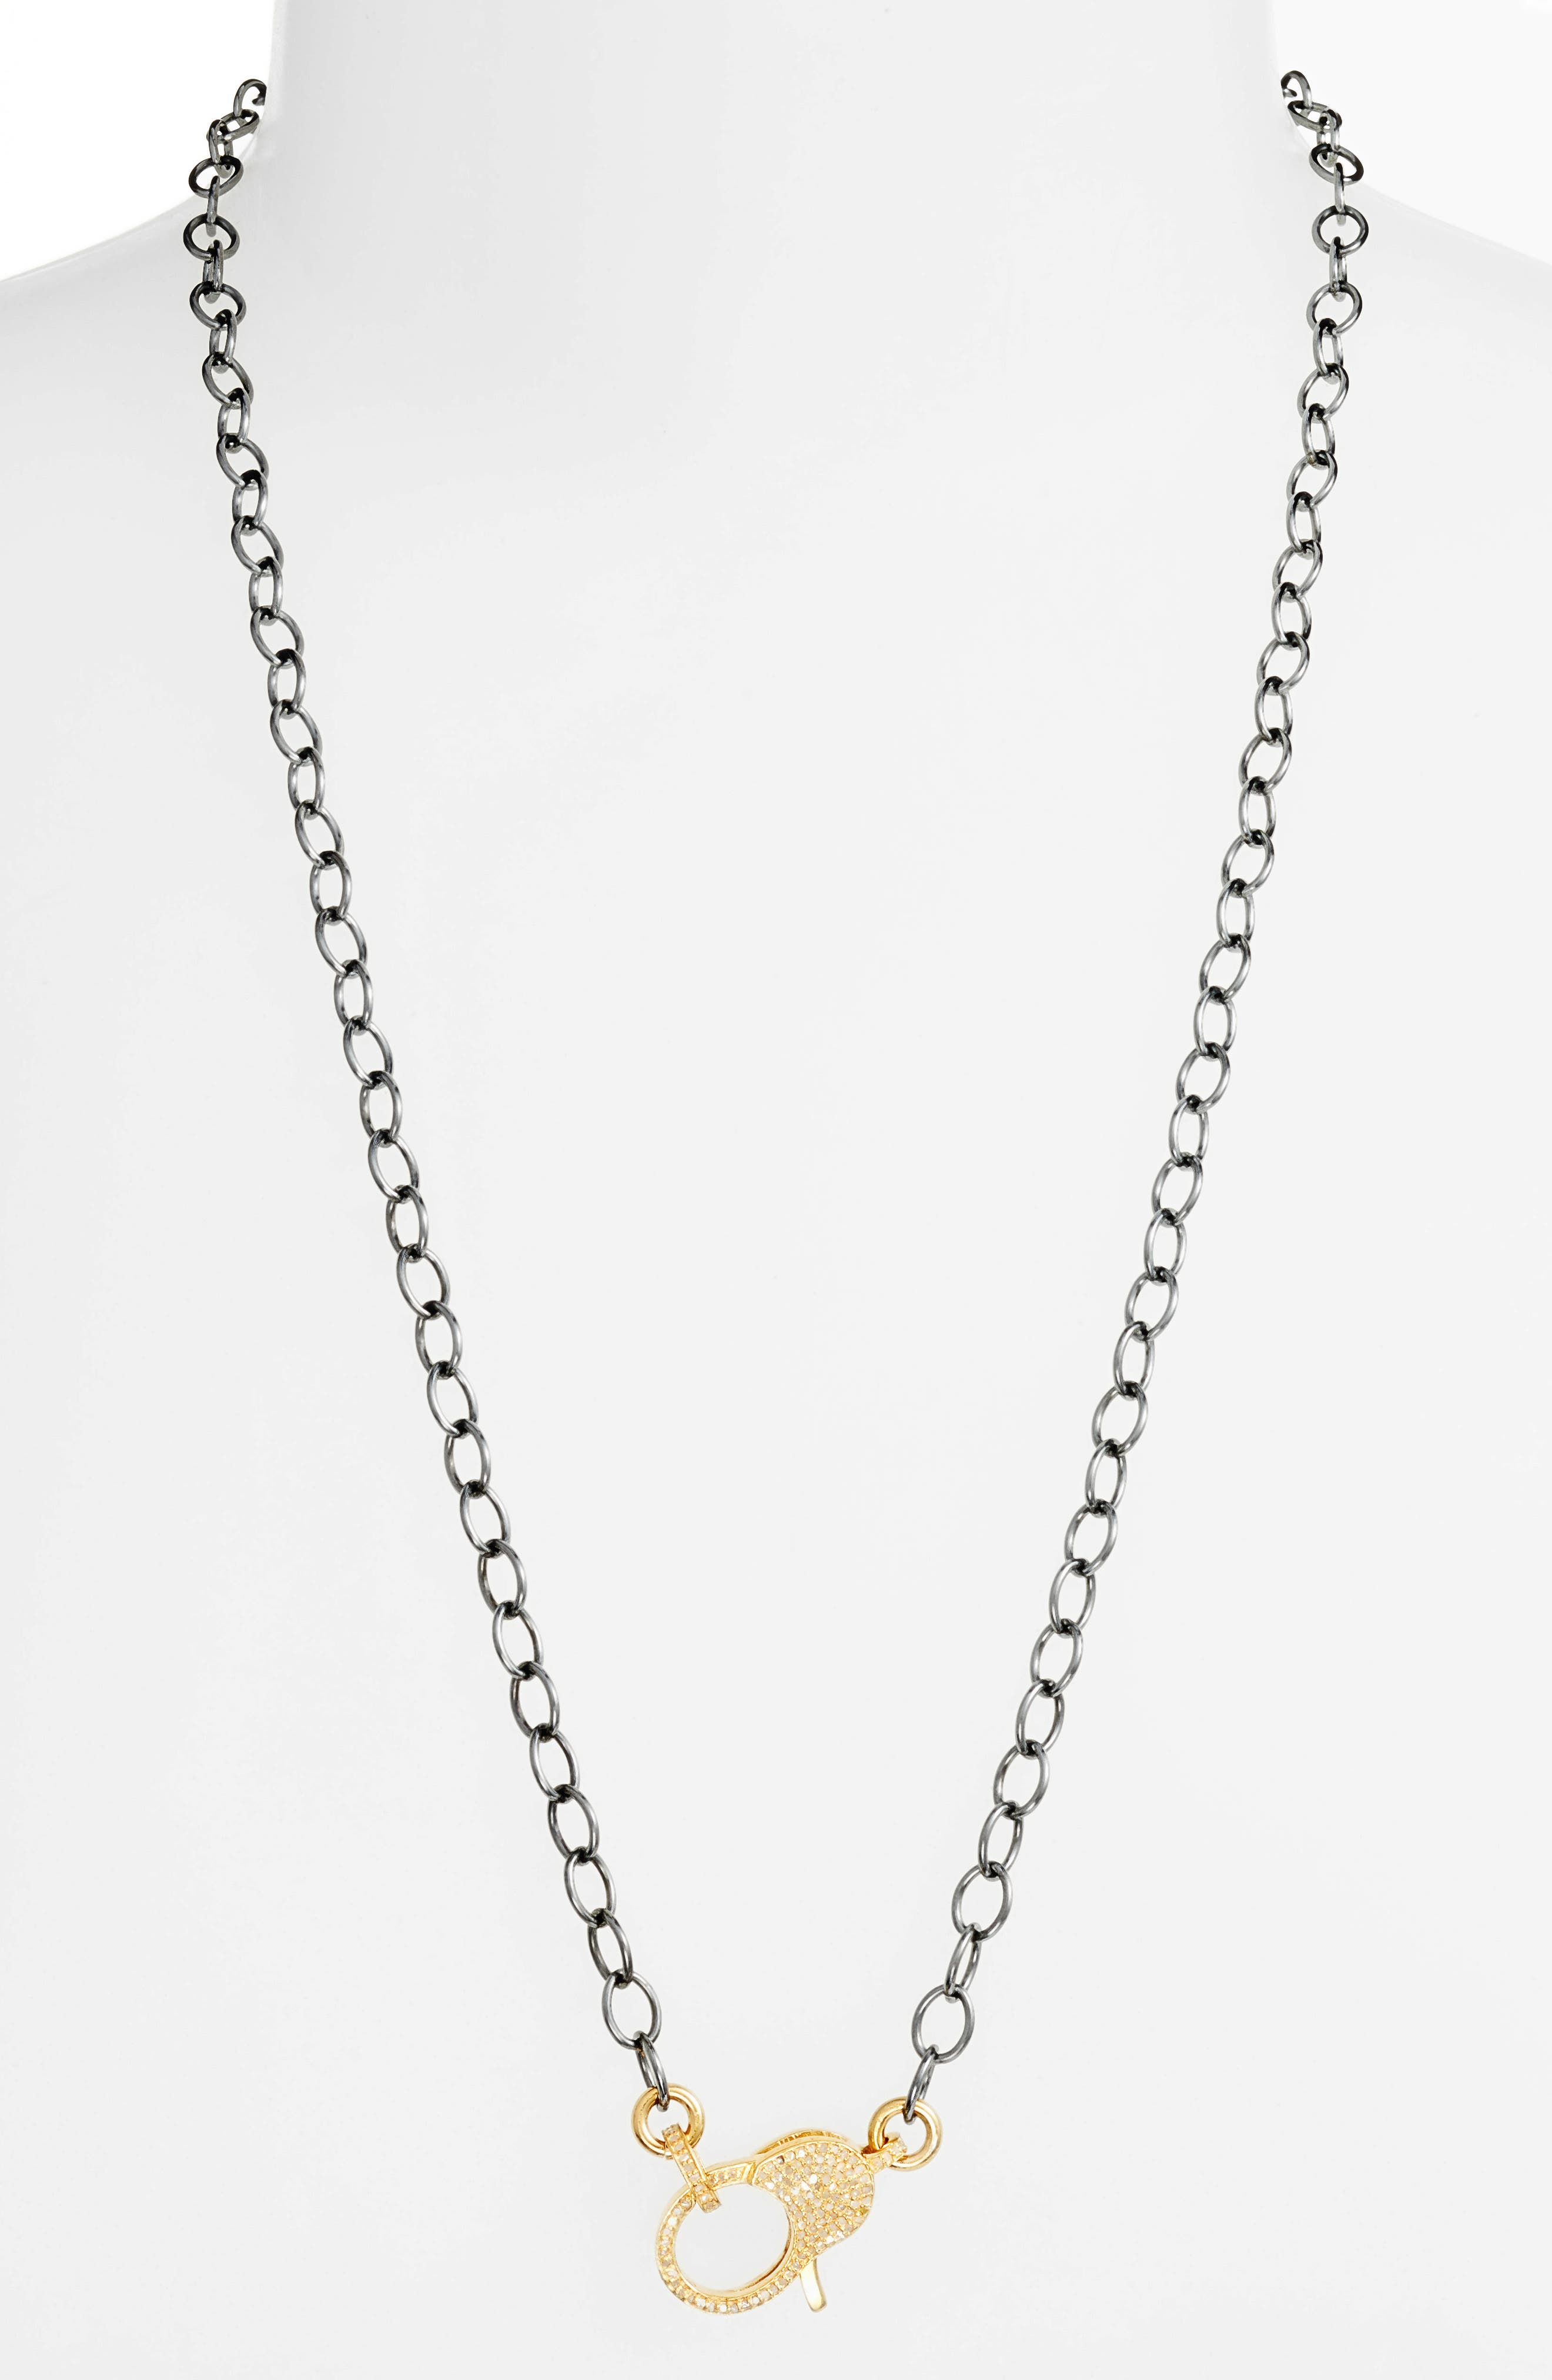 Jane Basch Pavé Diamond Clasp Long Chain Necklace,                             Main thumbnail 1, color,                             GOLD/ BLACK